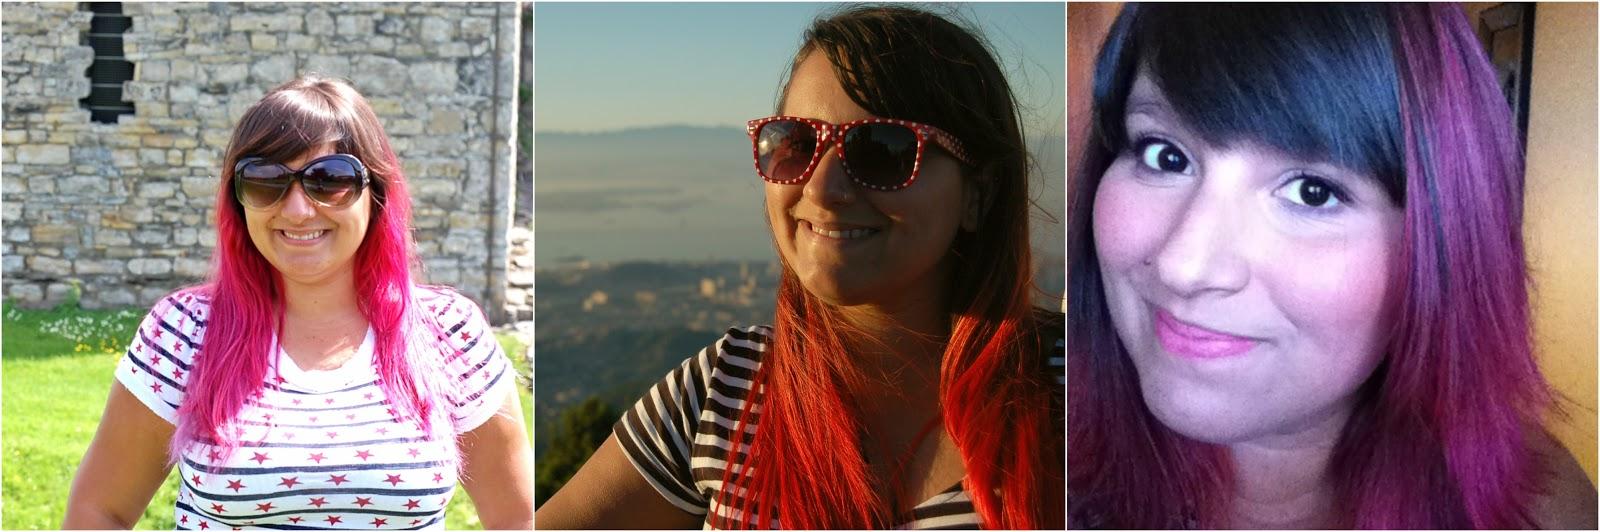 cabelo rosa, cabelo vermelho, cabelo colorido